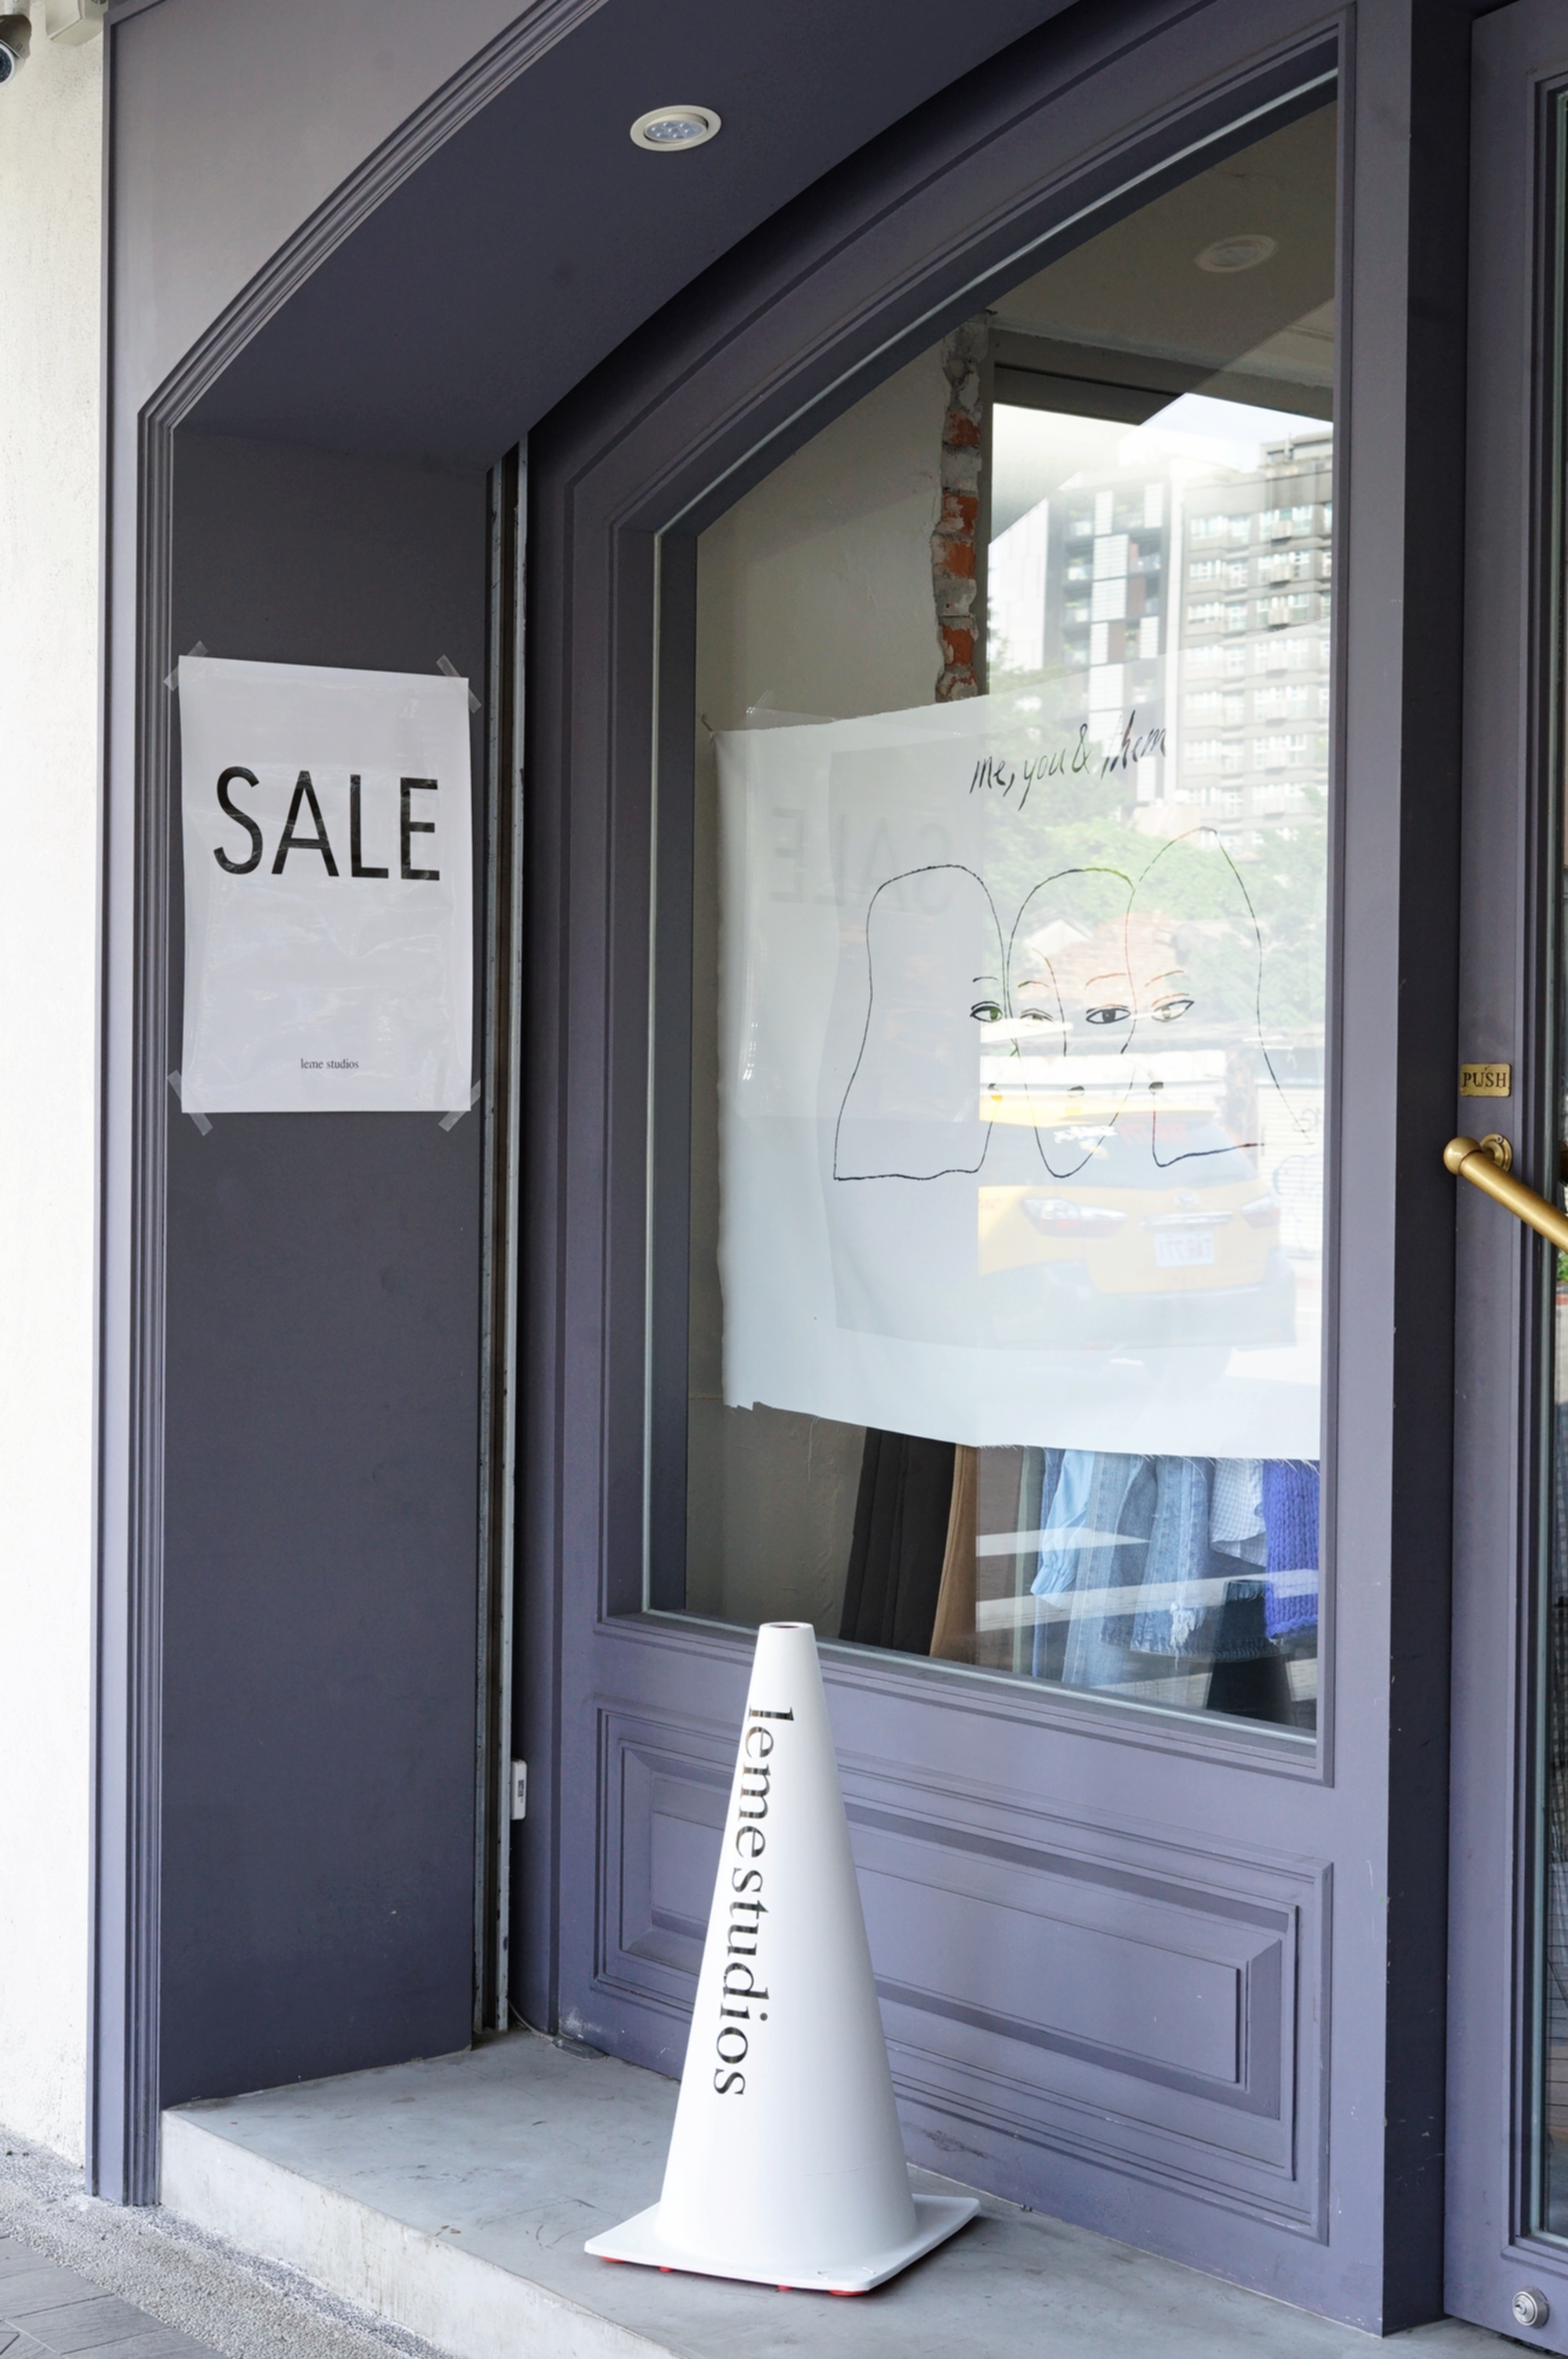 popup-shop-快閃店場-場地租借-展覽空間-咖啡廳租借-中山區-平面拍攝-動態-.JPG